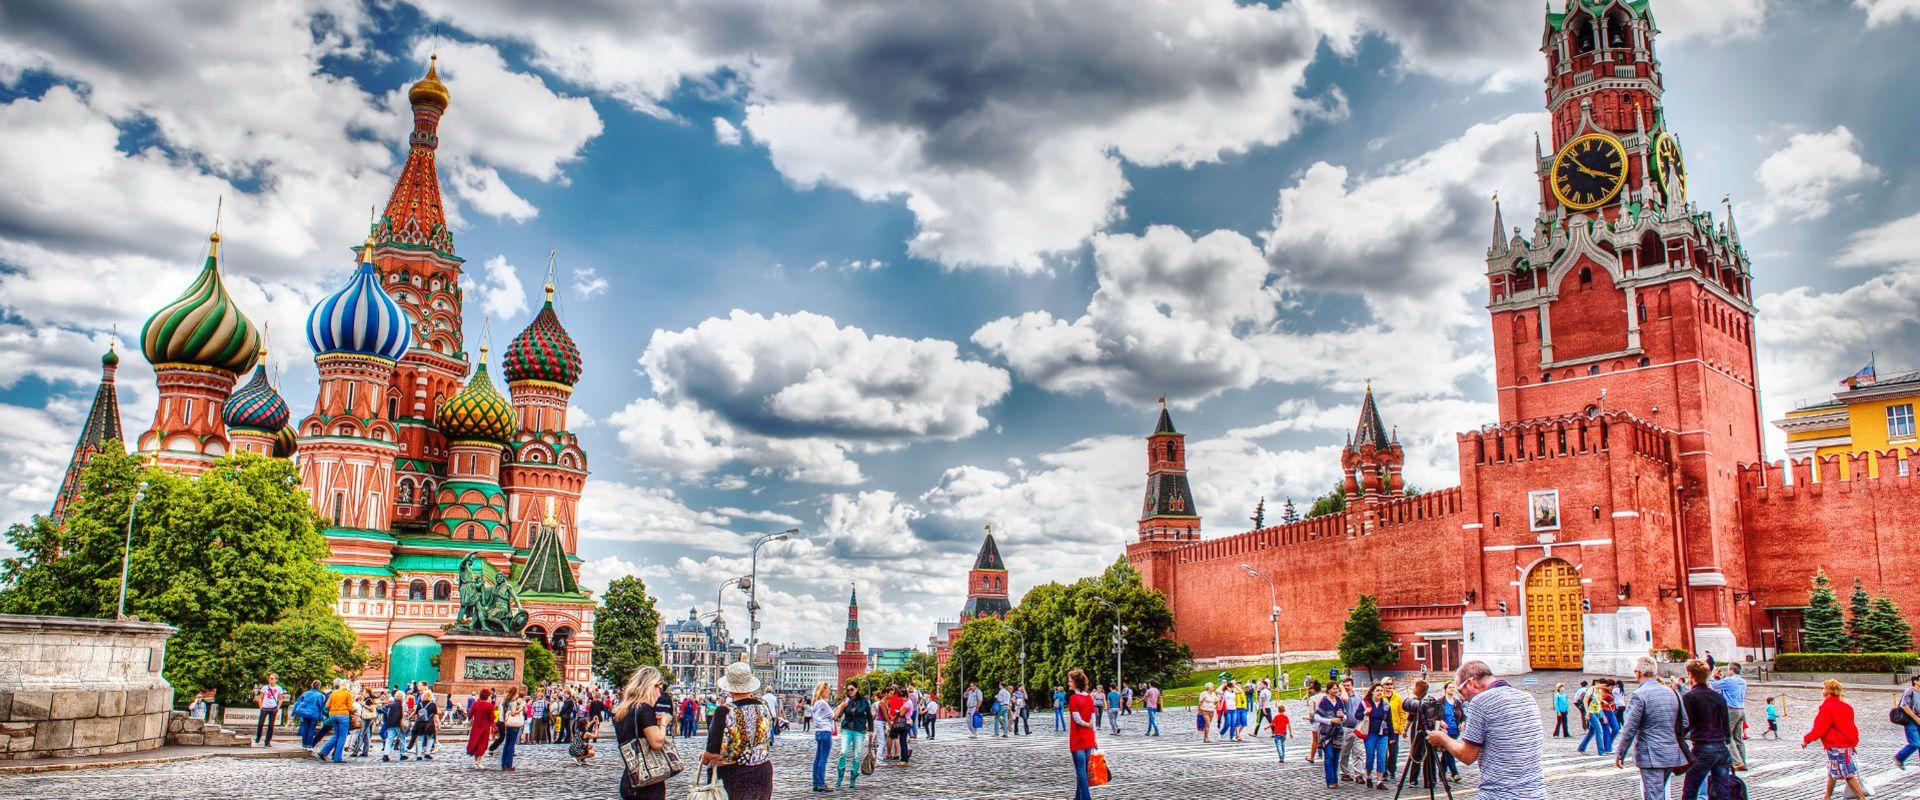 بهبود و ارتقاء رتبه اعتباری روسیه